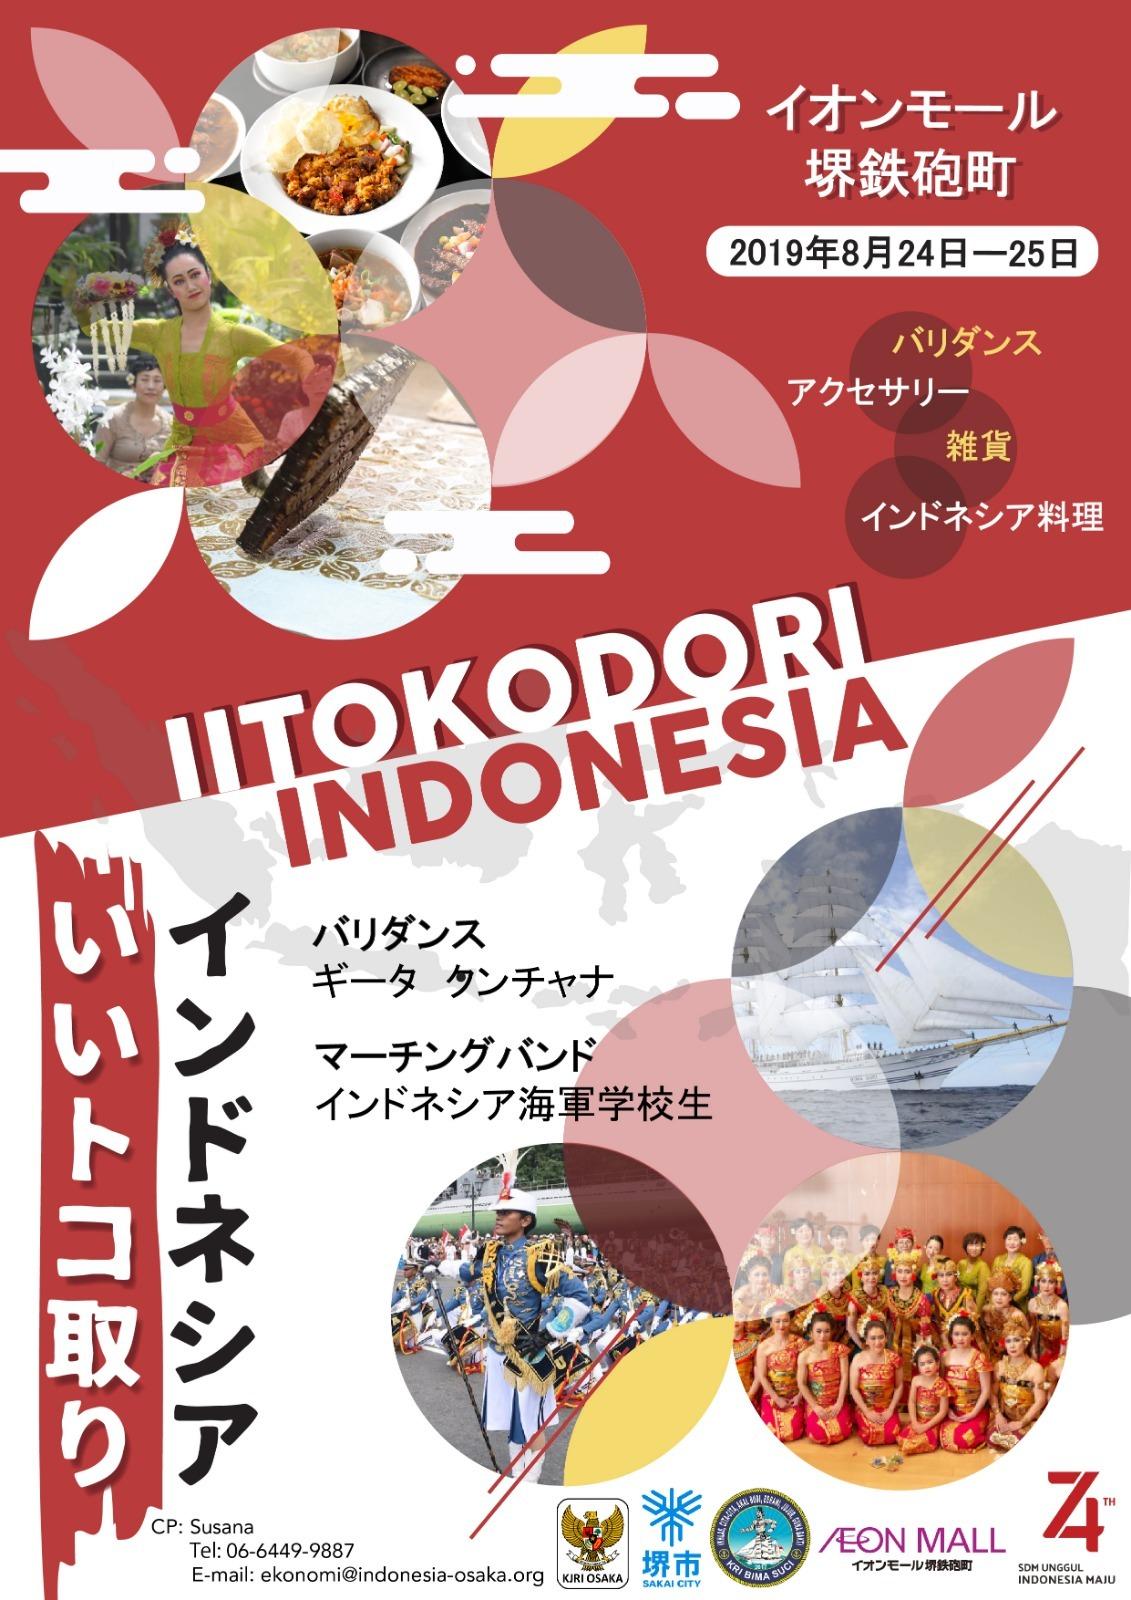 いいトコ取りインドネシア!_e0017689_16032263.jpg